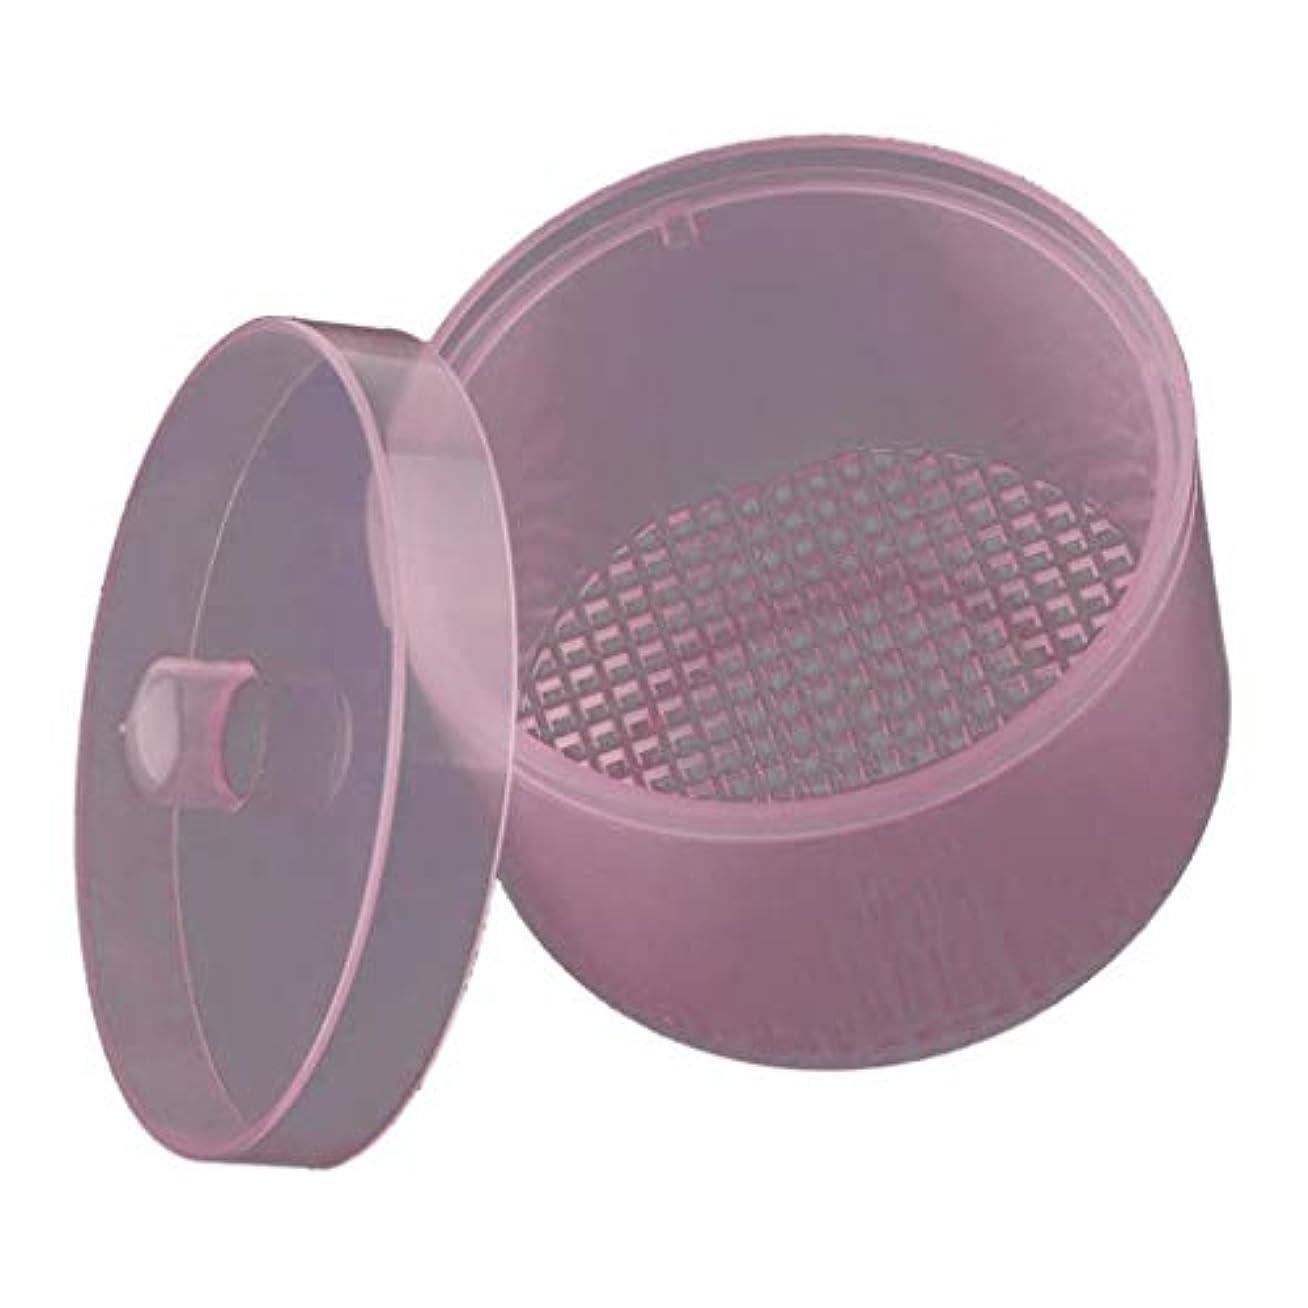 剛性スワップ保有者Perfeclan ネイルドリルビット ネイルアートファイル クリーニングボックス プラスチック 全4カラー - ピンク